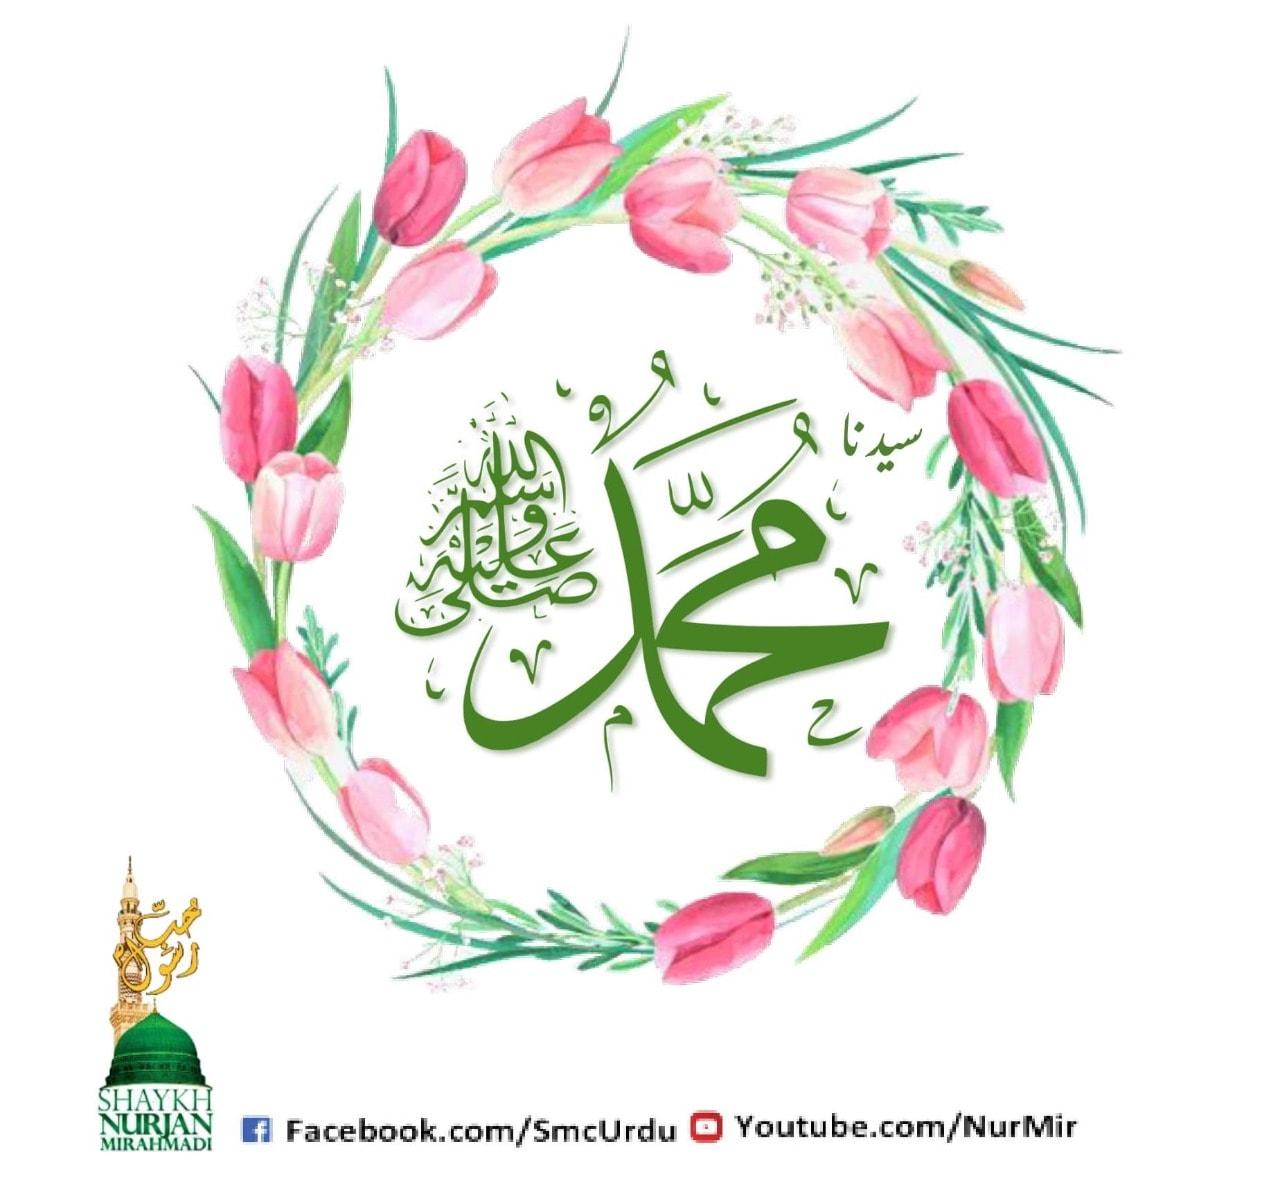 شب برات کی اہمیت و فضیلت  حضرتِ عائشہ صدیقہ رضی اللہ تعالیٰ عنہا فرماتی ہیں کہ ر...